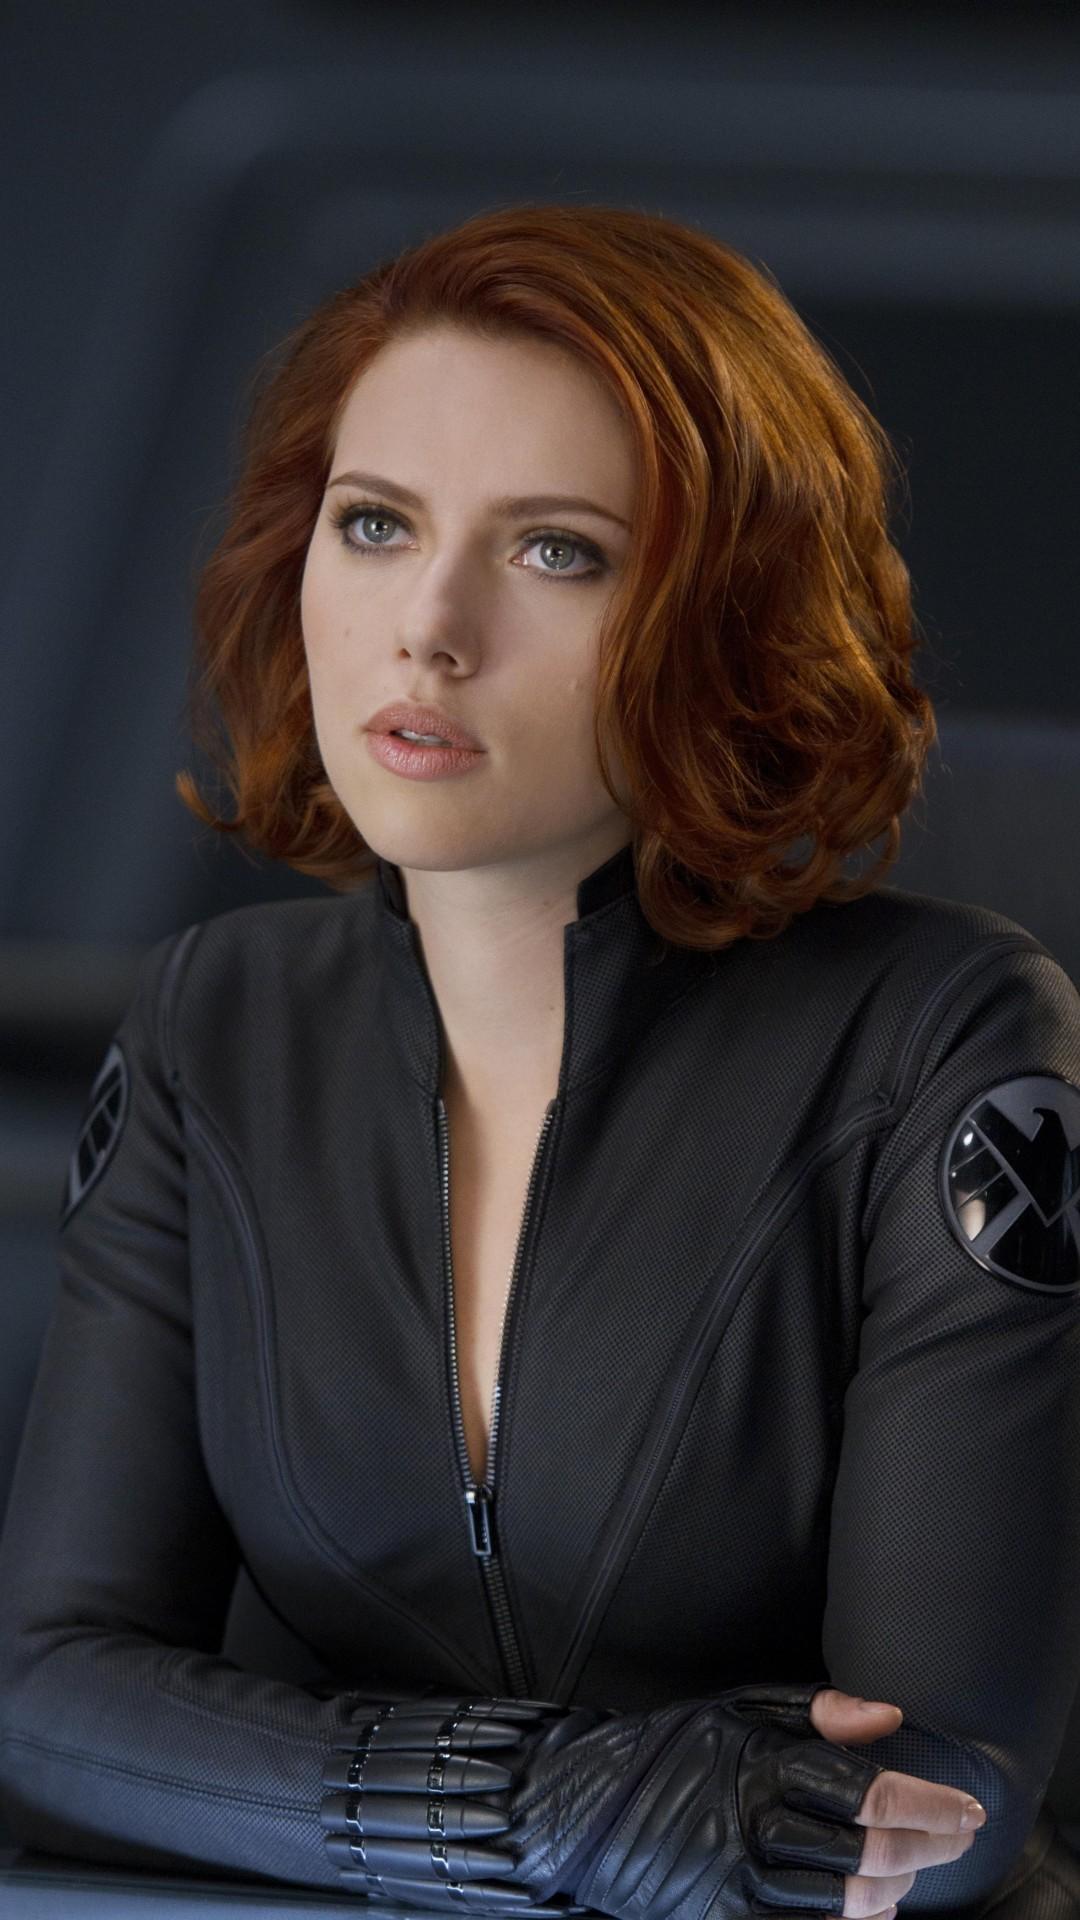 Scarlett Johansson Bodysuit Actress Short Hair Black Widow Avengers 2012 1502929 Hd Wallpaper Backgrounds Download